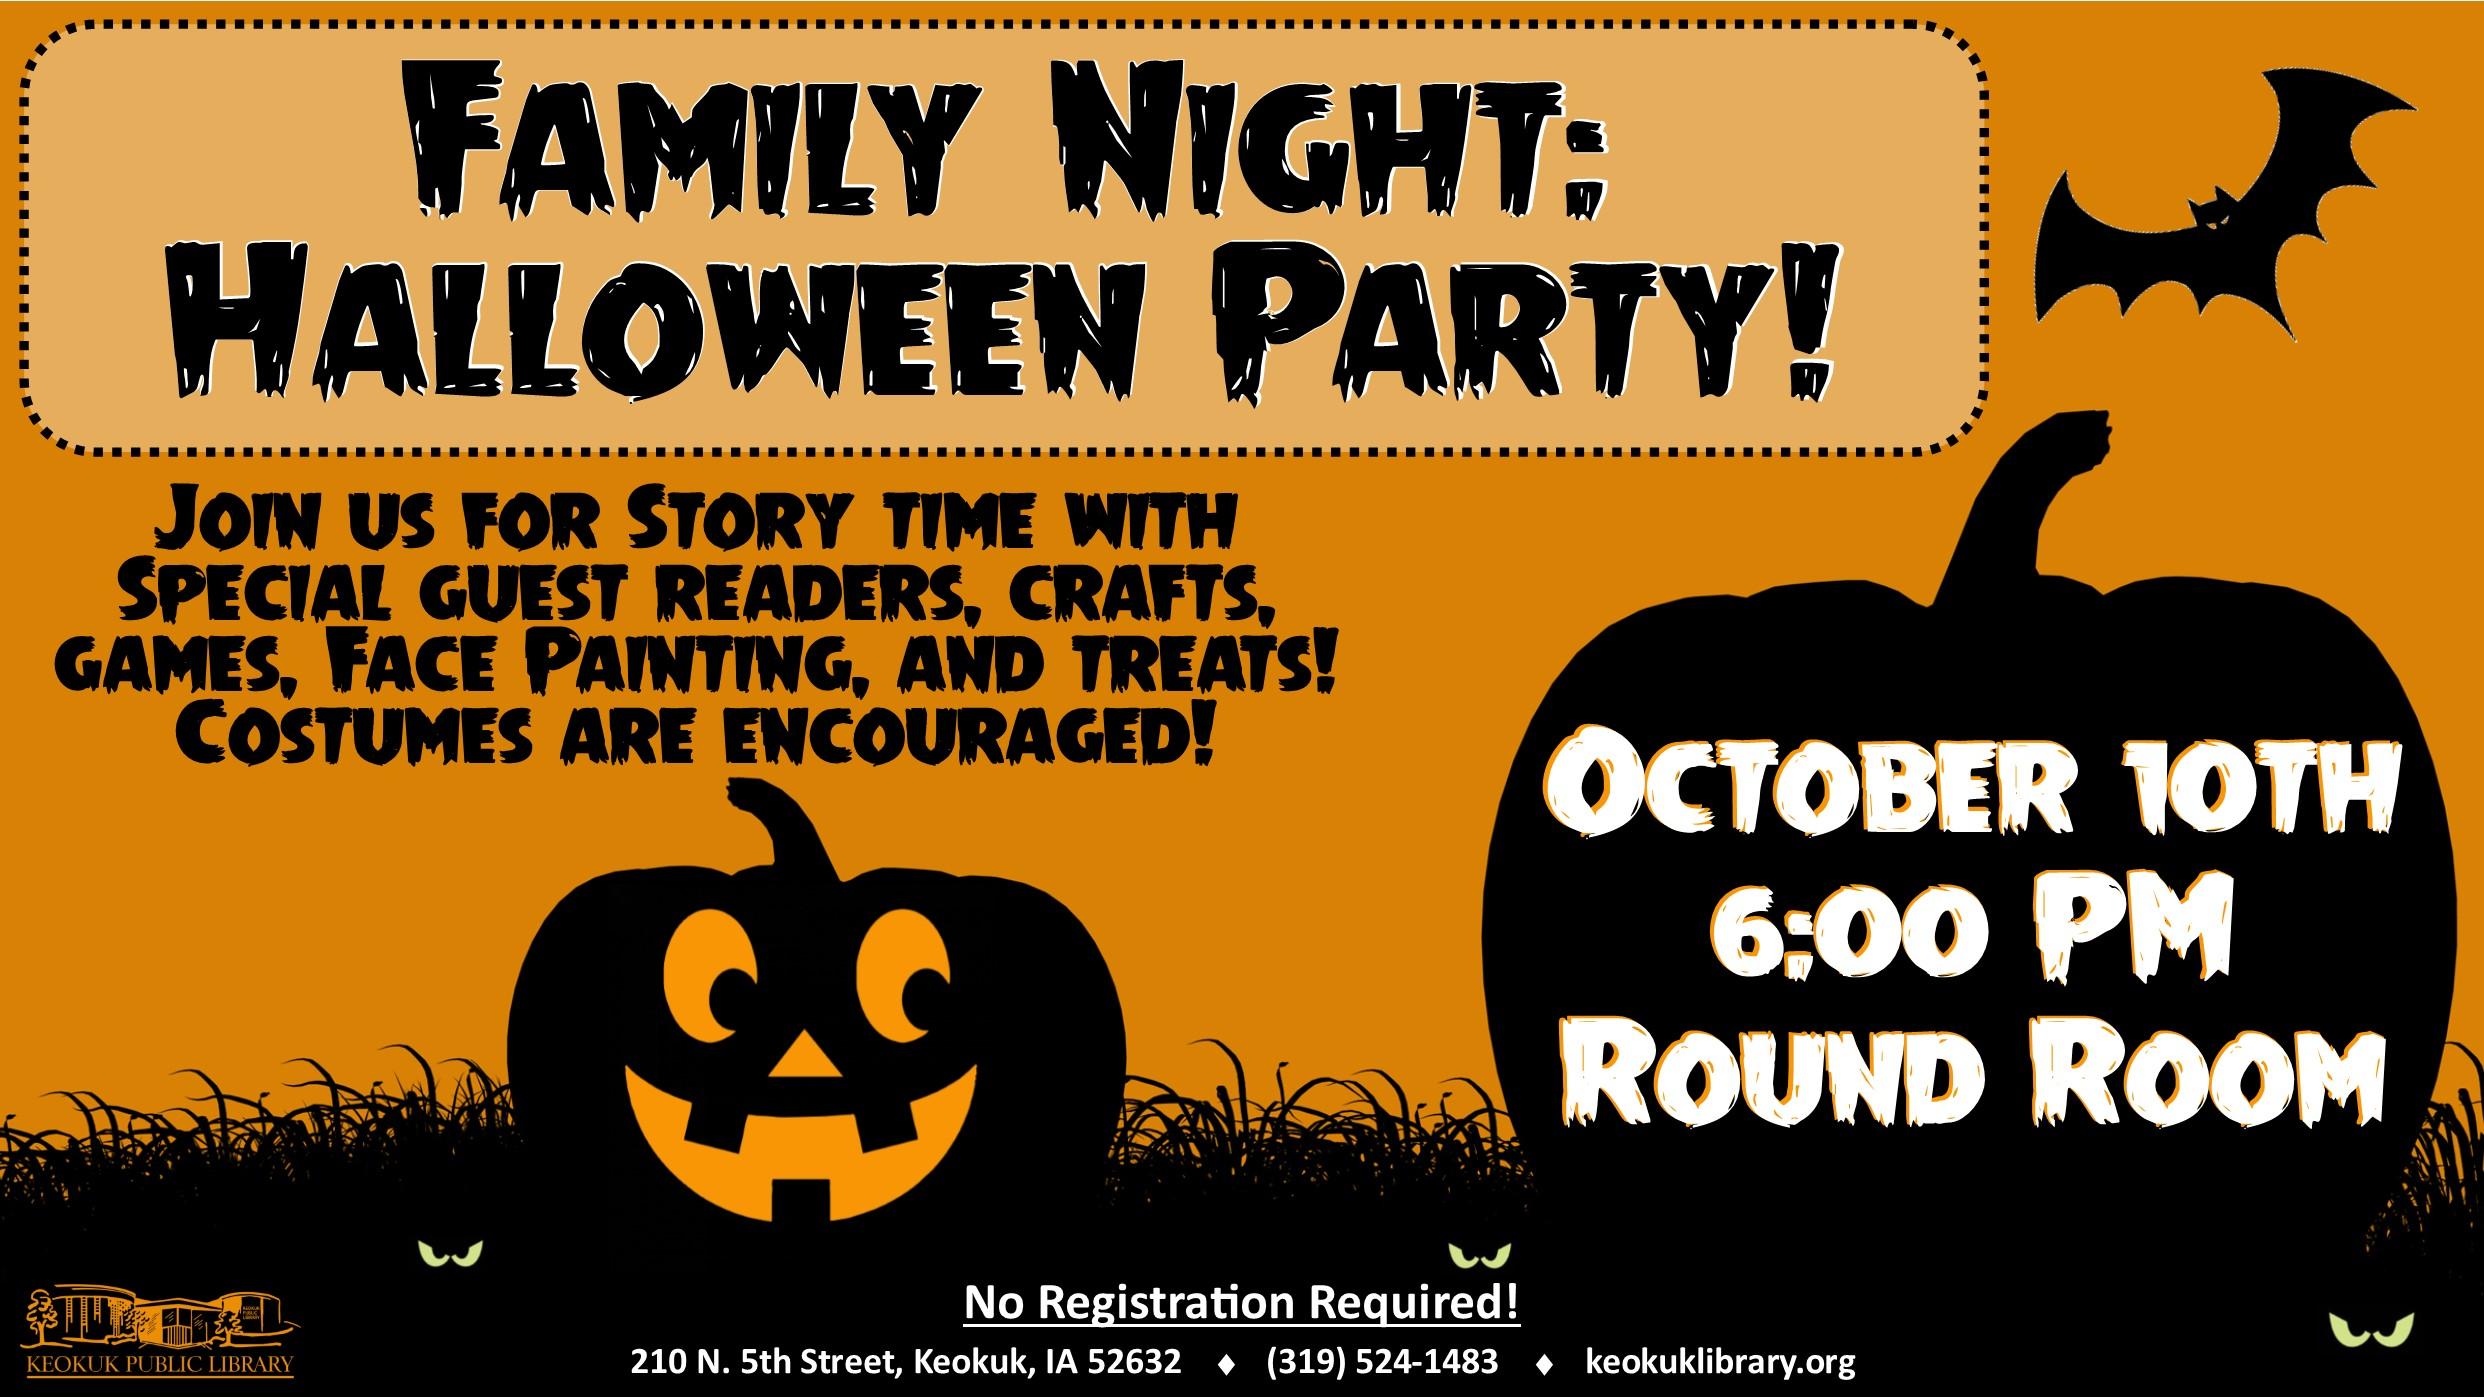 keokuk events family night halloween party